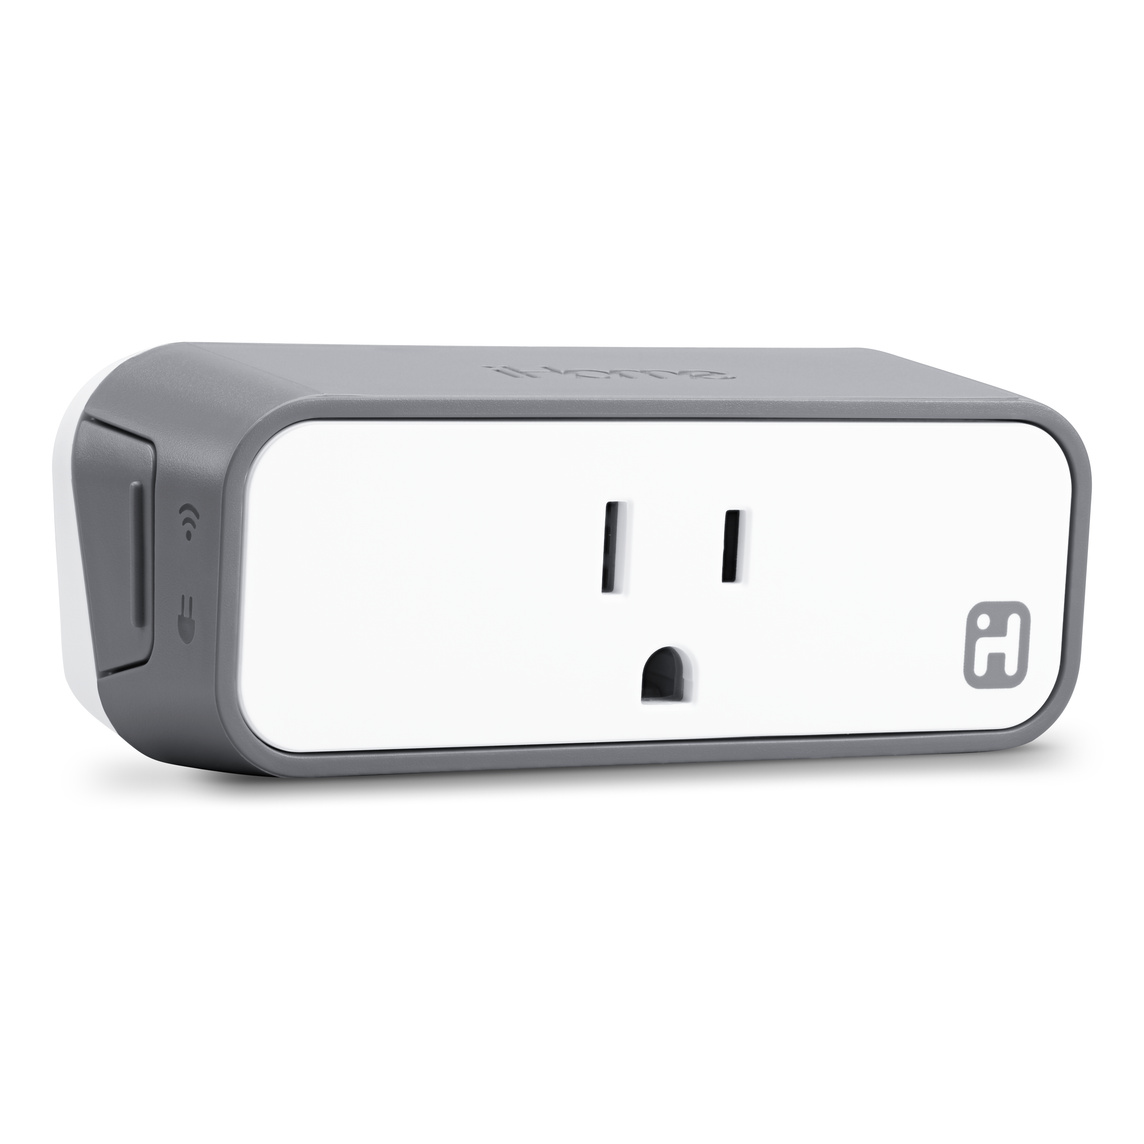 iHome | control iSP6 SmartPlug